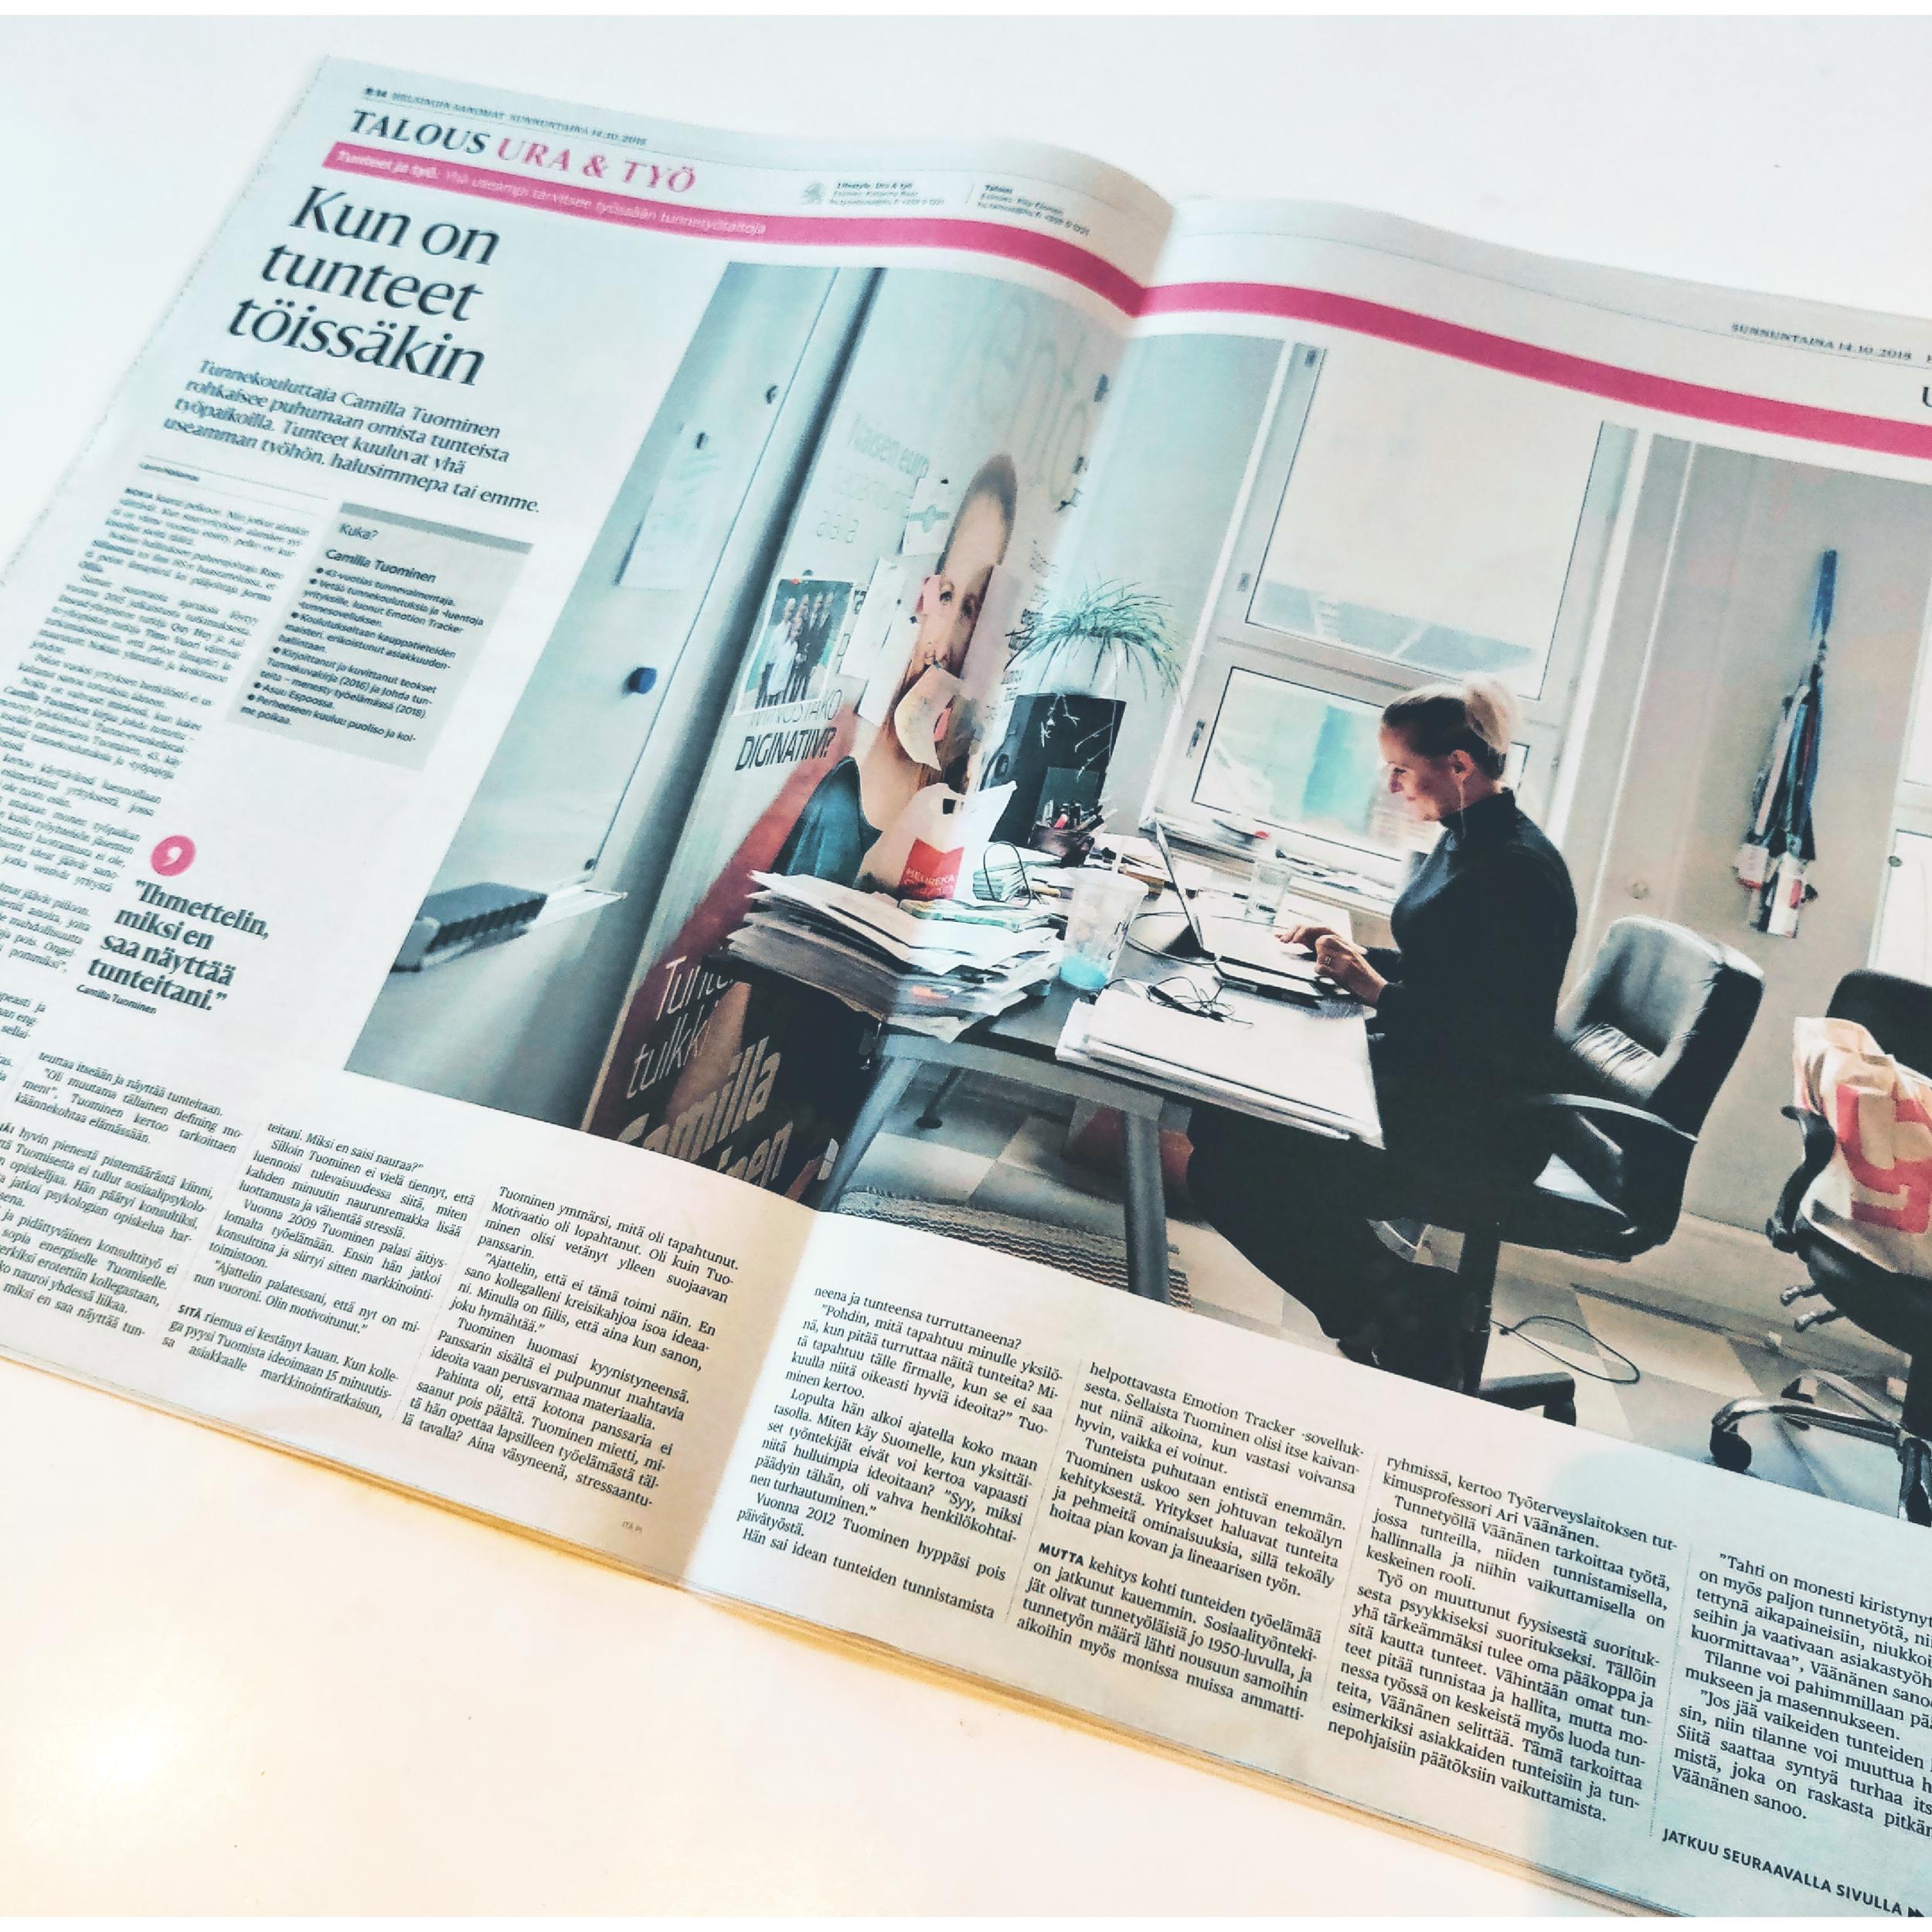 """Helsingin Sanomat:  """"Kun on tunteet työssäkin""""  15.10.18"""